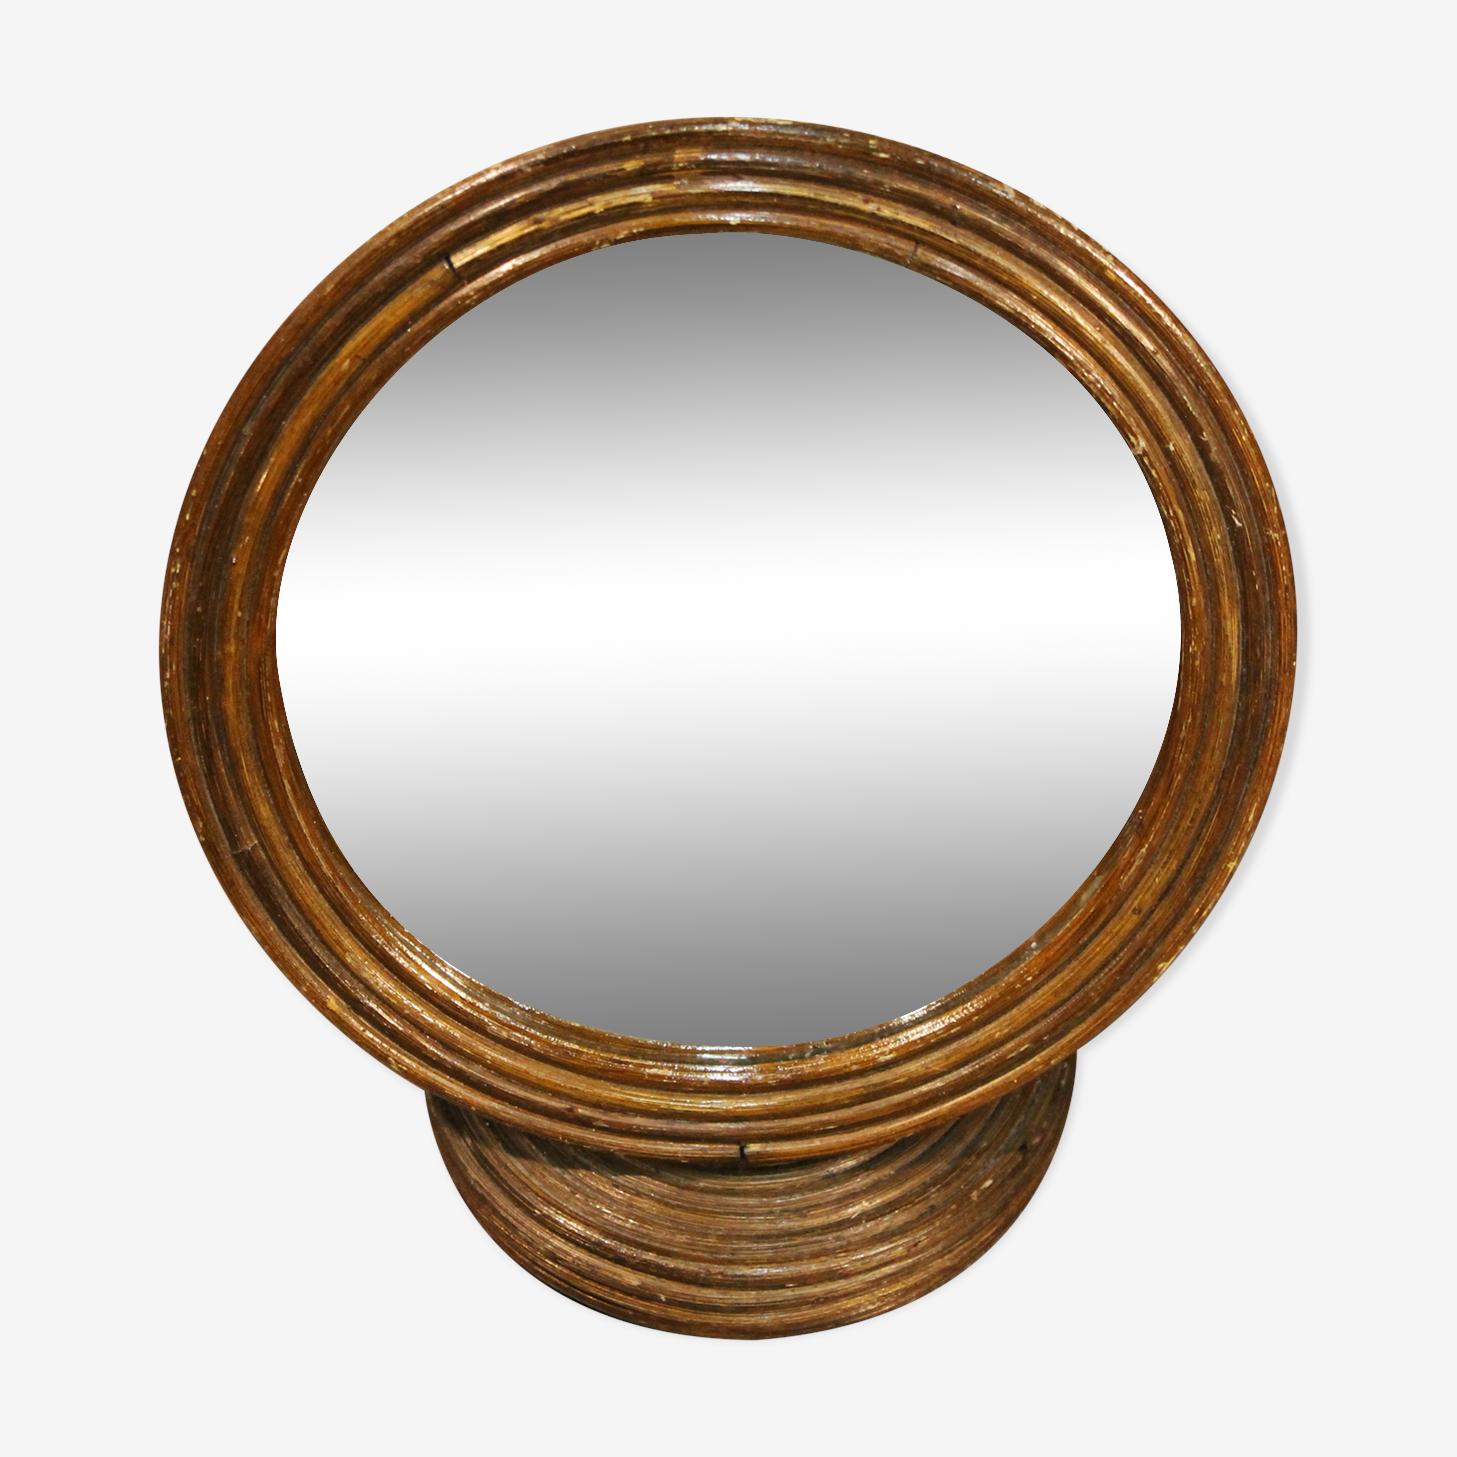 Miroir rotin sur pied années 60 taille  30x29cm